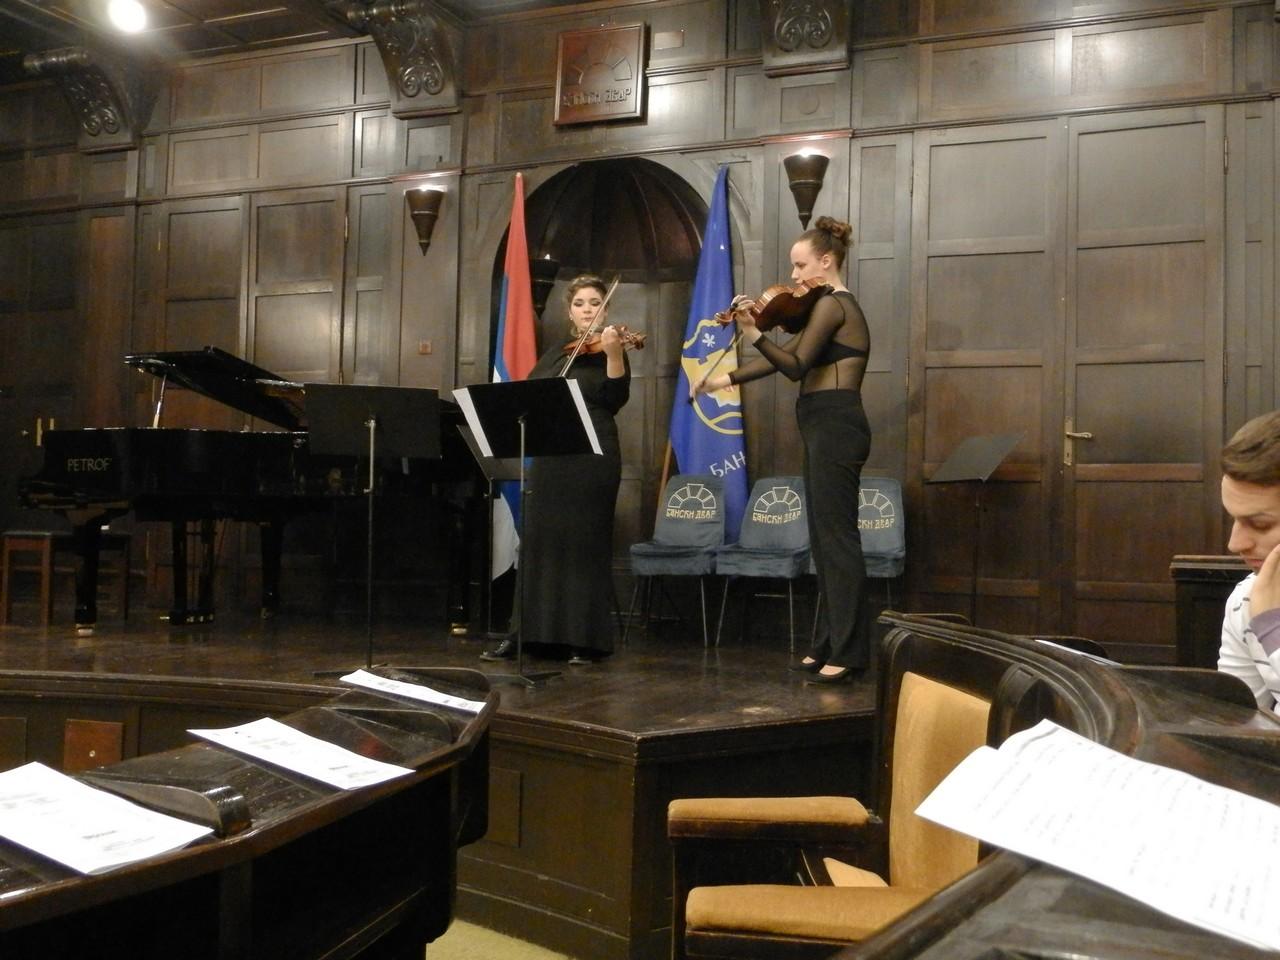 У Вијећници Банског Двора одржан концерт класичне музике